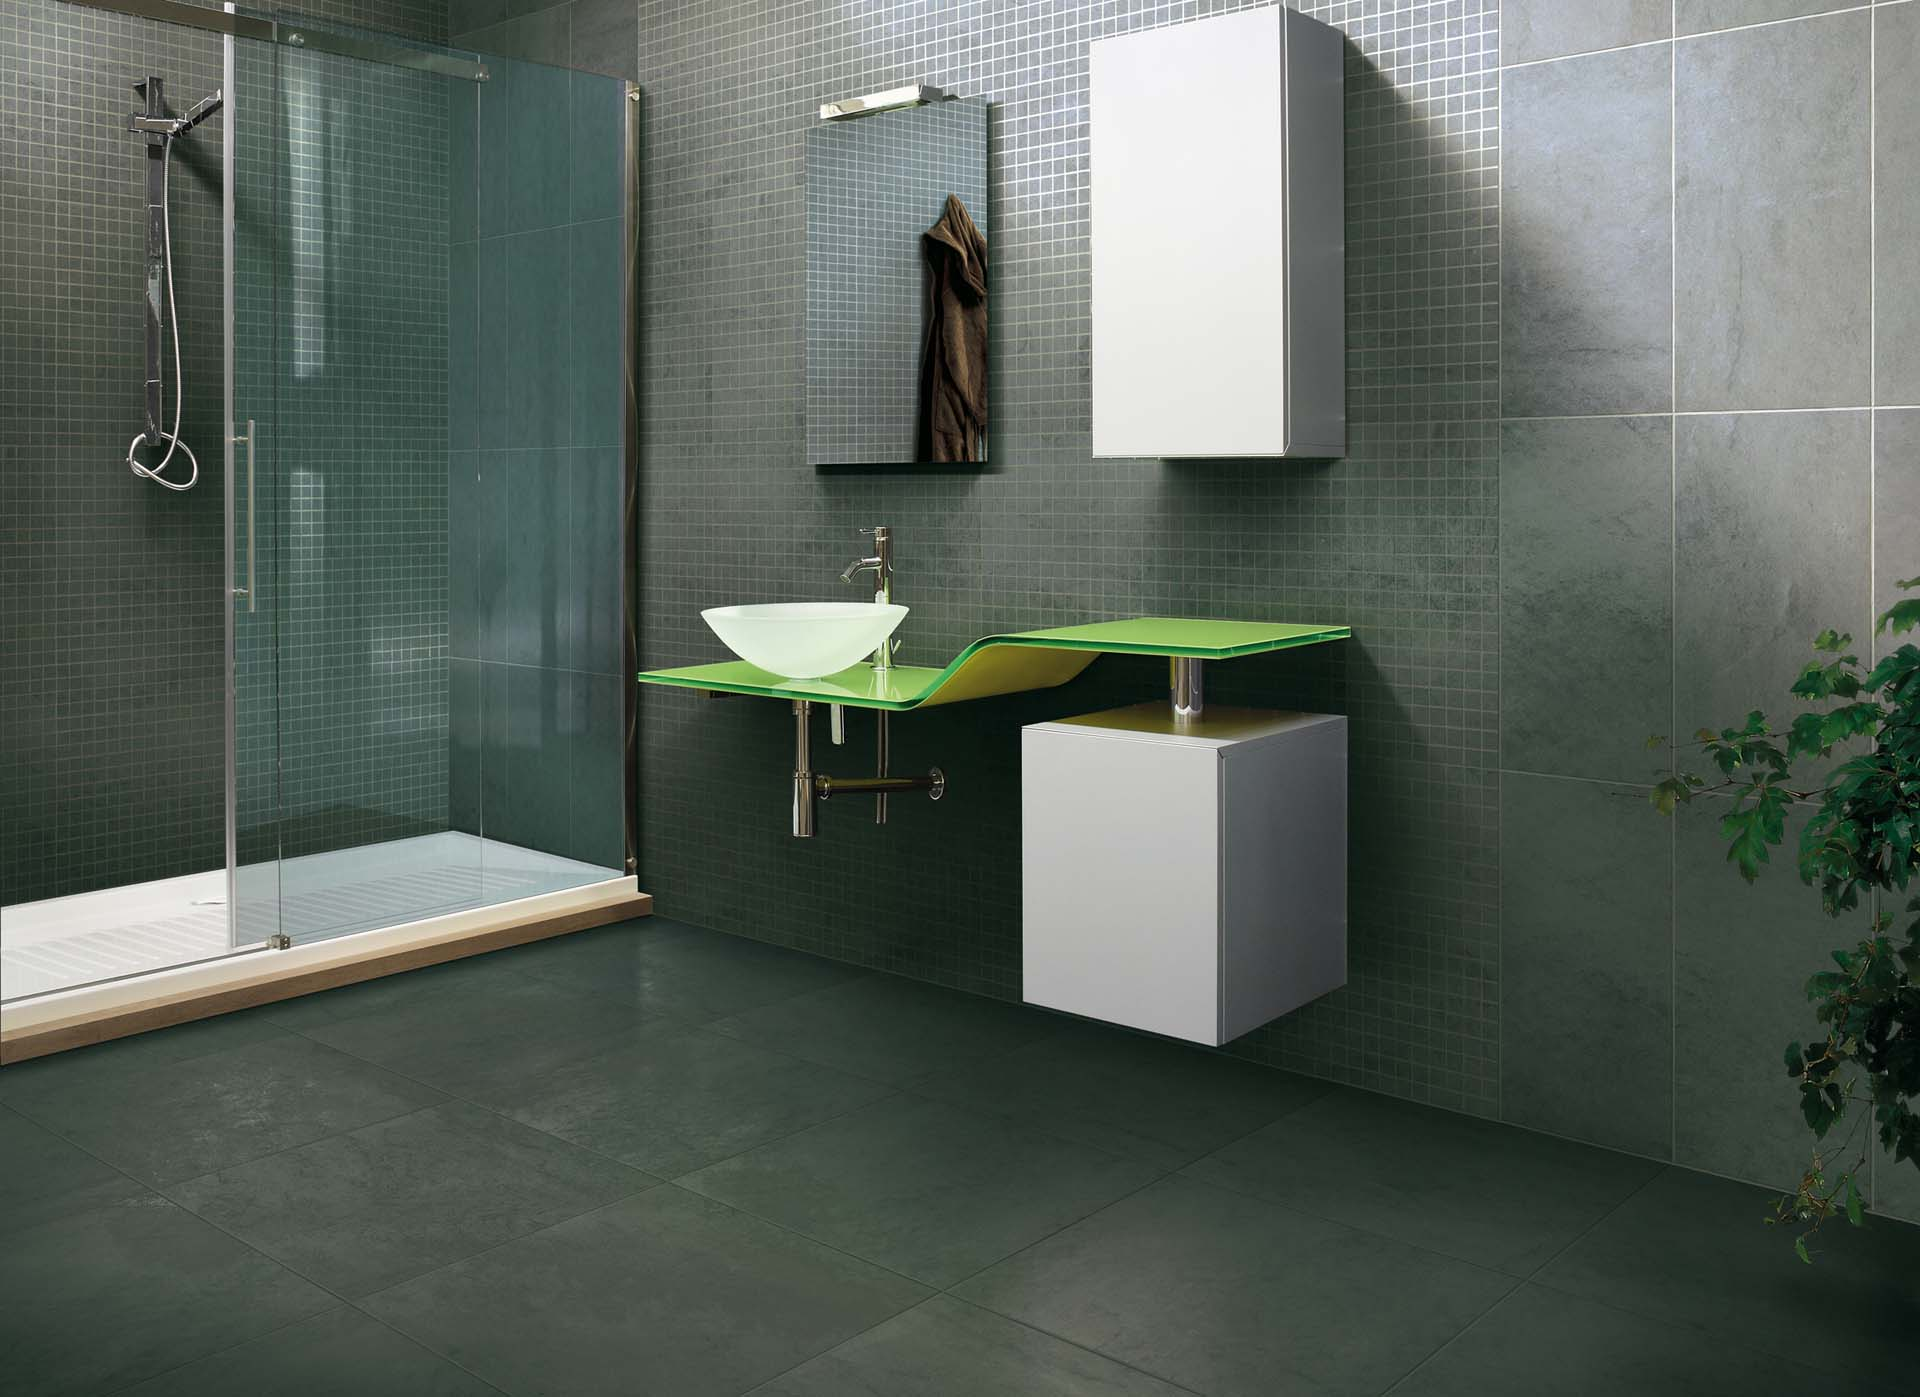 Badkamer betegelen uw douche laten tegelen van doesburg - Betegelen van natuurstenen badkamer ...